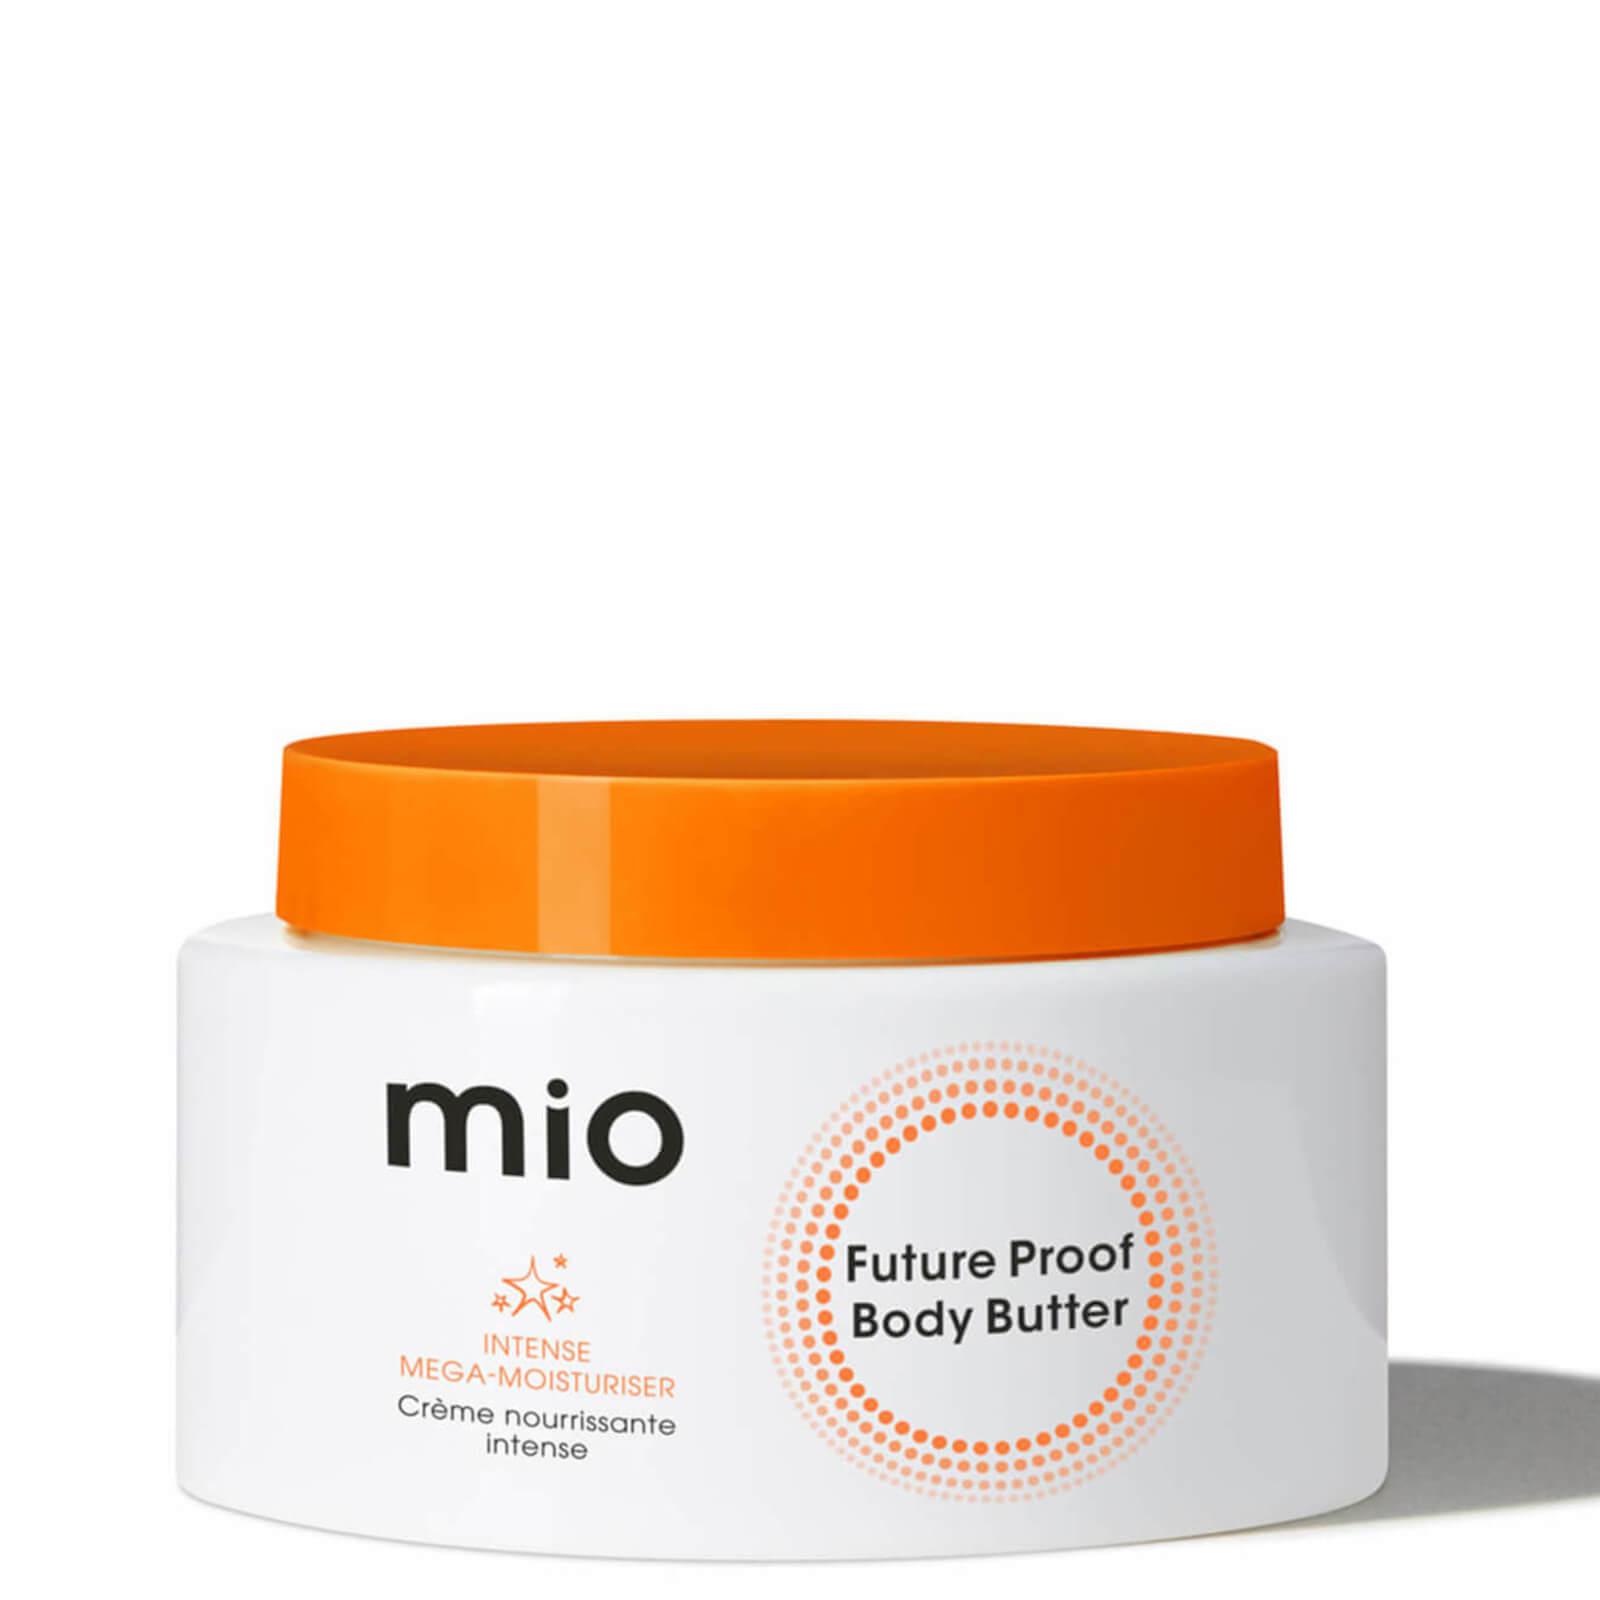 Mio Future Proof Body Butter 240ml